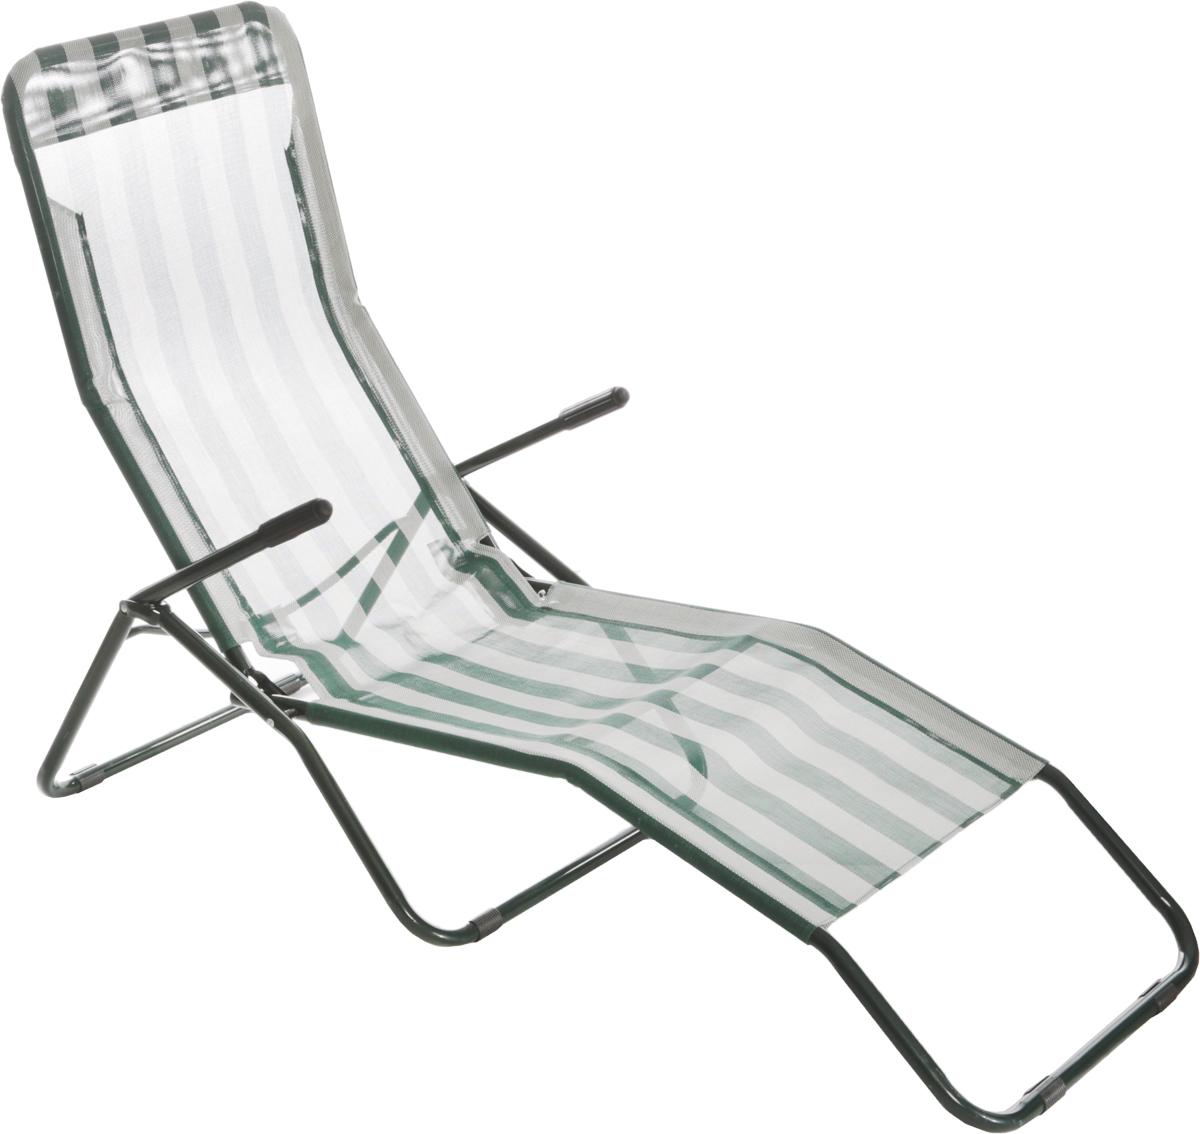 Шезлонг складной Reka, с подголовником, цвет: темно-зеленый, белый, 153 х 60 х 79 смWS 7064Складной шезлонг Reka прекрасно подходит для отдыха за городом, на природе. Каркас изделия выполнен из прочного металла. Материал кресла - специальный текстиль, его сетчатая структура устойчива к ультрафиолетовому излучению. Также этот материал почти не впитывает влагу и моментально сохнет, что обеспечит максимальный комфорт даже в летнюю жару. Подлокотники шезлонга изготовлены из металла с пластиковыми накладками.